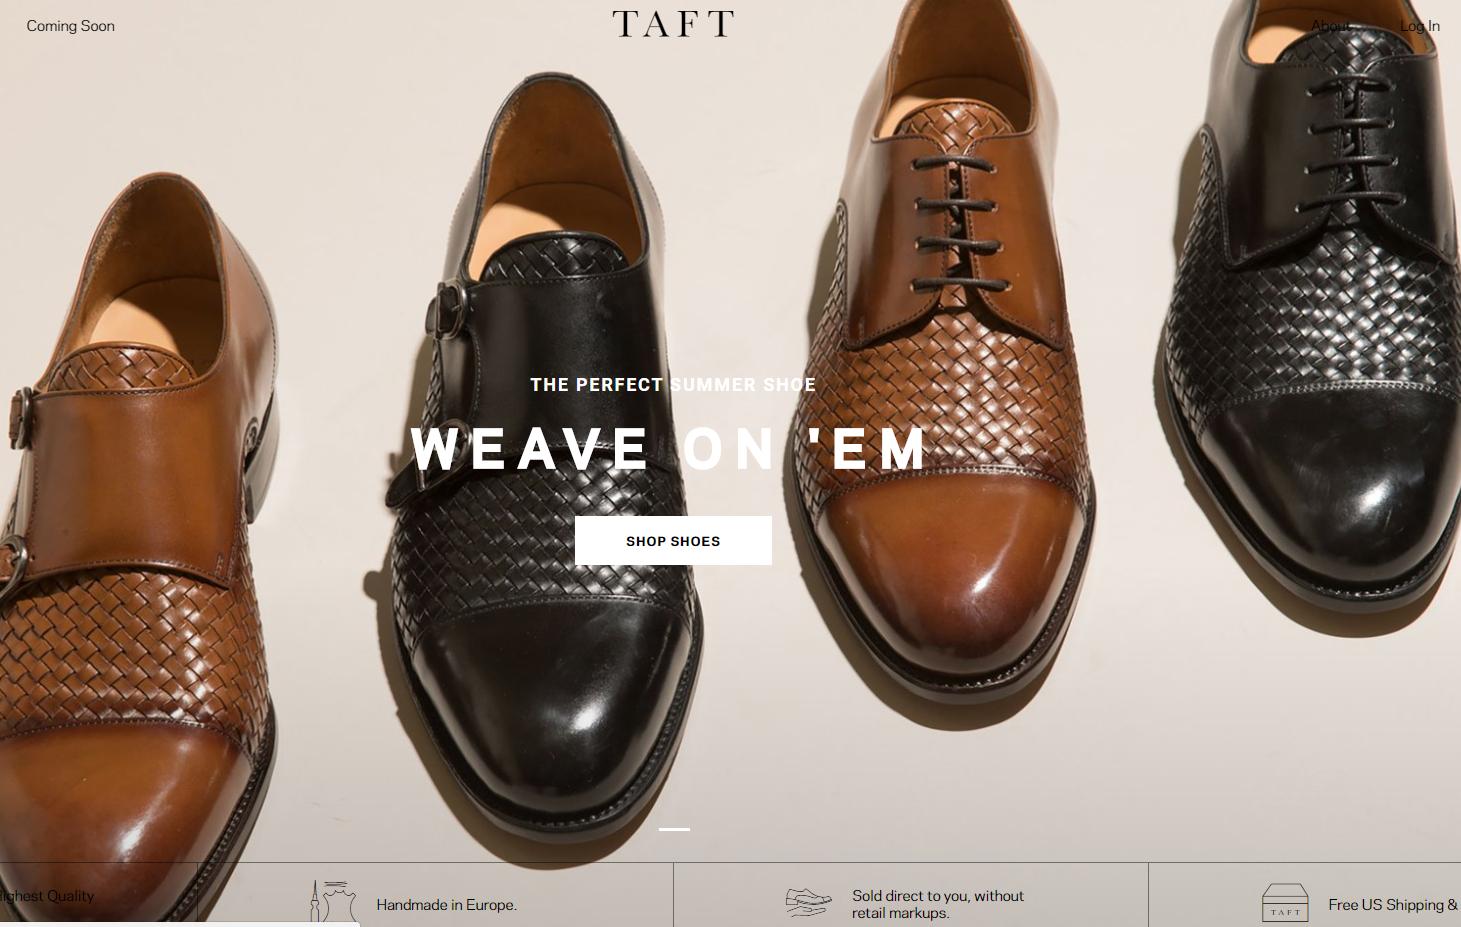 互联网轻奢男鞋品牌 TAFT 完成500万美元种子轮融资,NBA明星韦德参投